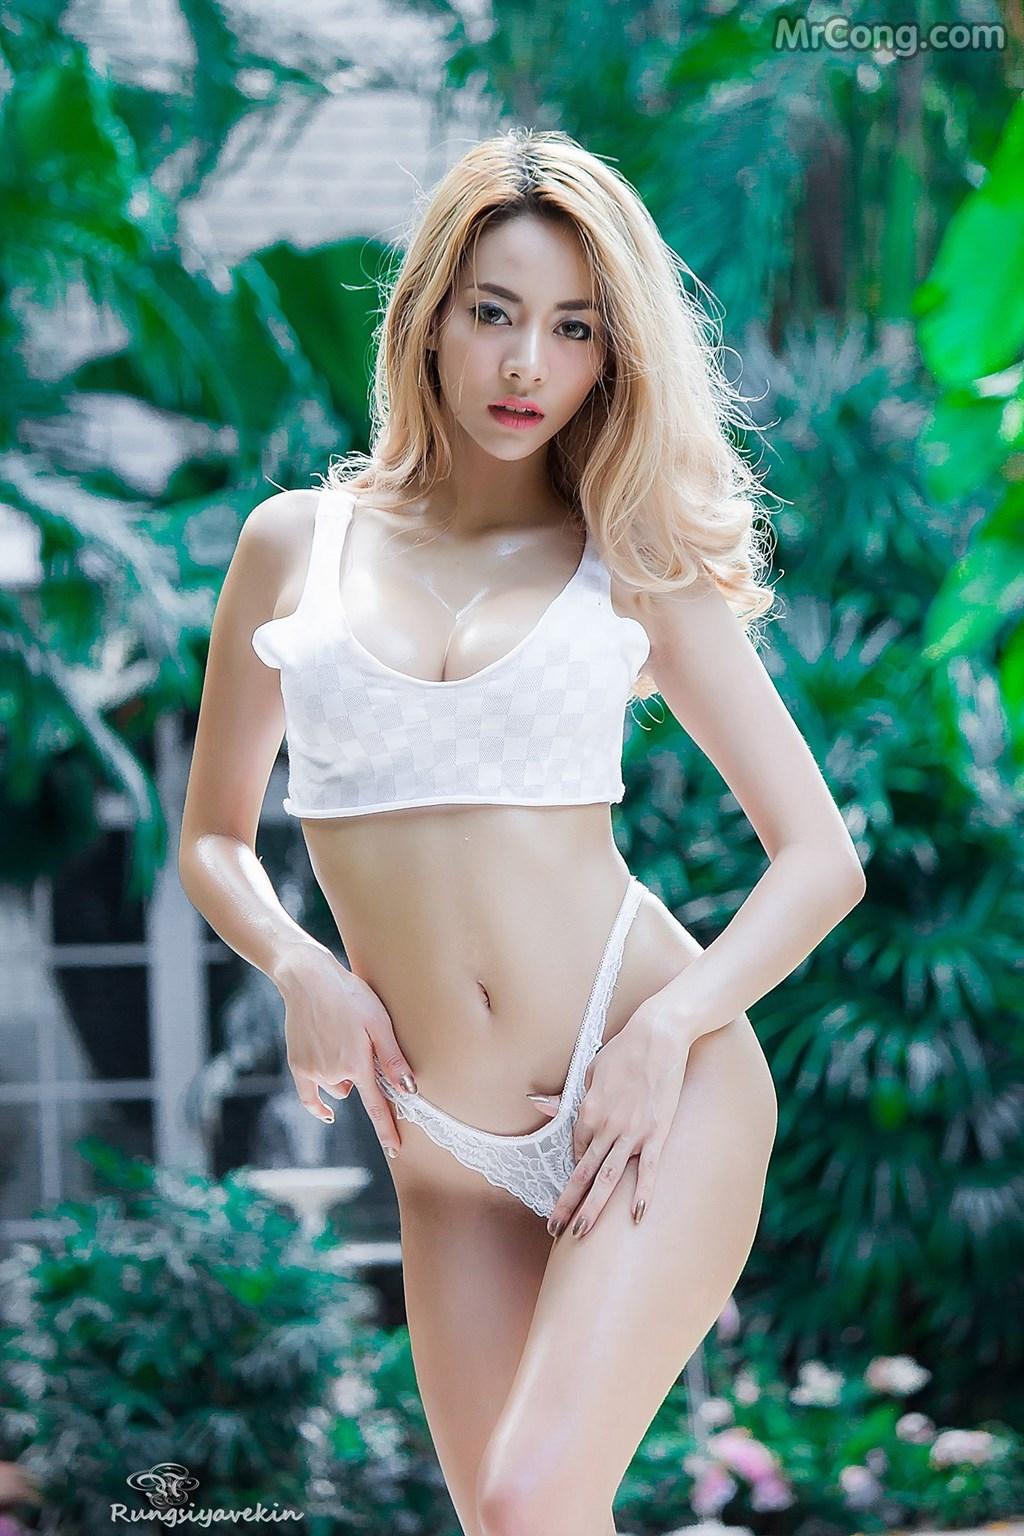 Image Nguoi-mau-Thai-Lan-Jiraporn-Ngamthuan-MrCong.com-004 in post Người đẹp Jiraporn Ngamthuan nóng bỏng tạo dáng với trang phục biển mát rượi (28 ảnh)